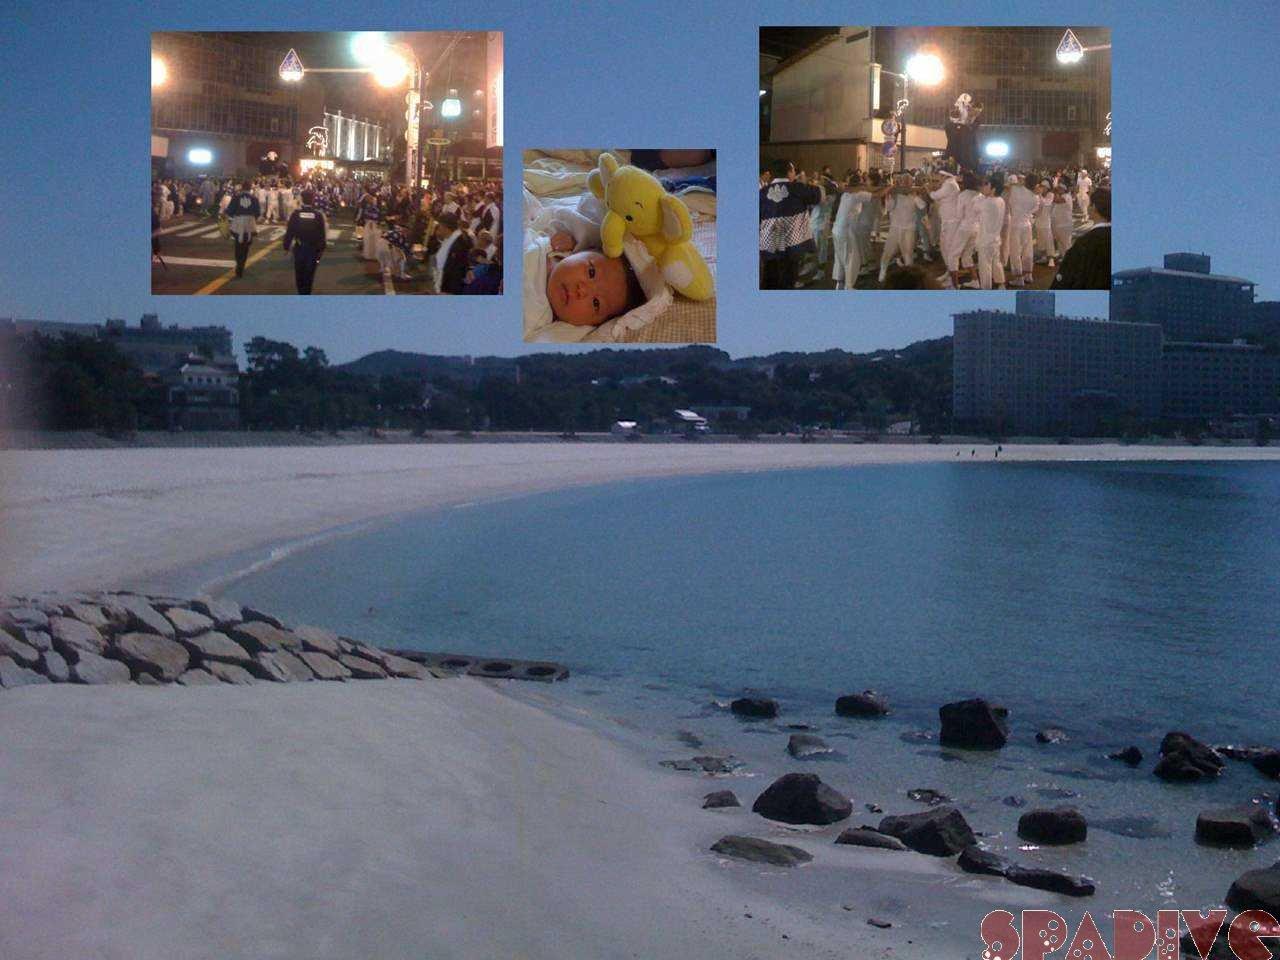 熊野三所神社例大祭-前夜祭|10/16/2008